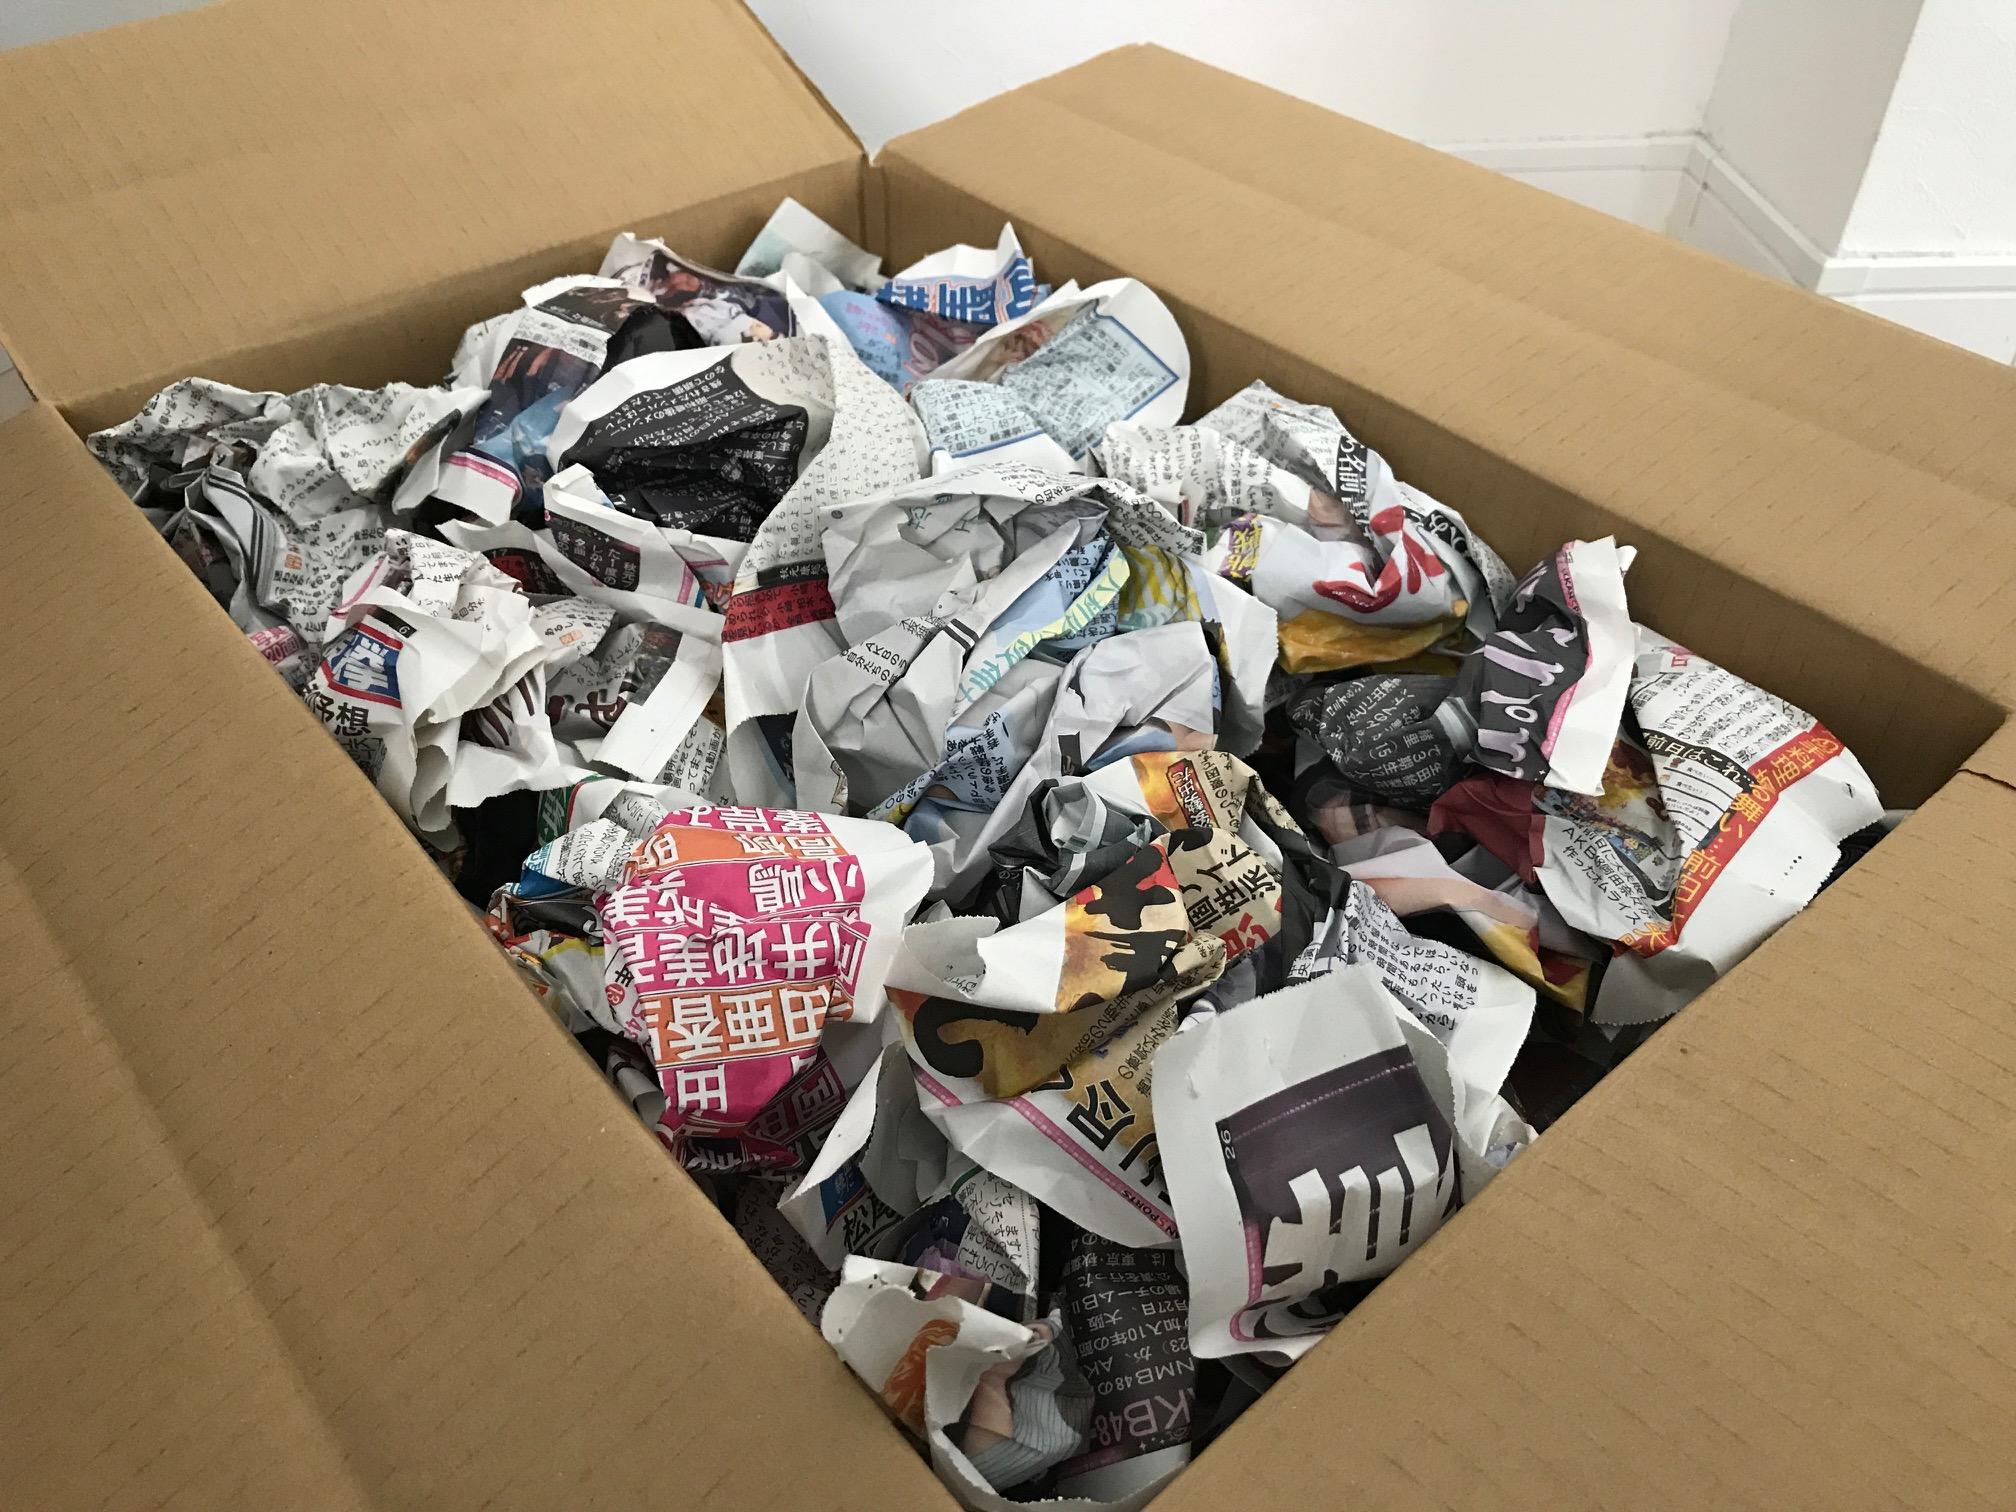 梱包したグッズをダンボールに詰めた画像写真(梱包材で隙間を全て埋めた状態)